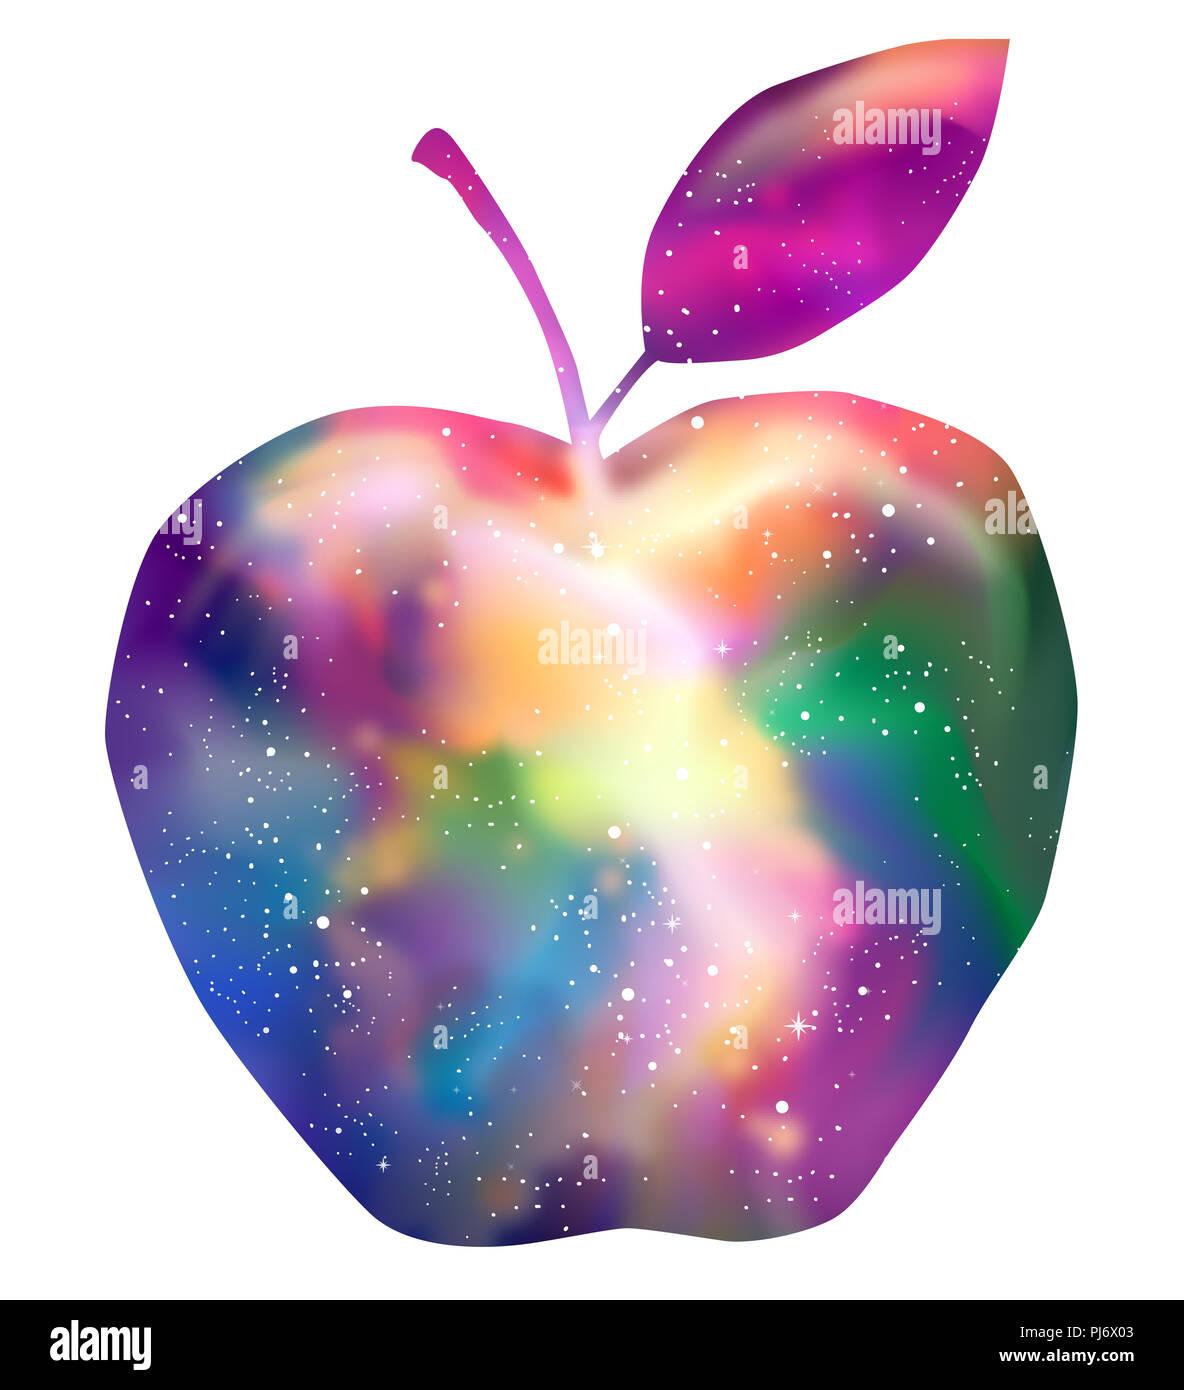 Illustrazione di un Apple che mostra una fantasia Design Galaxy eps10 Immagini Stock